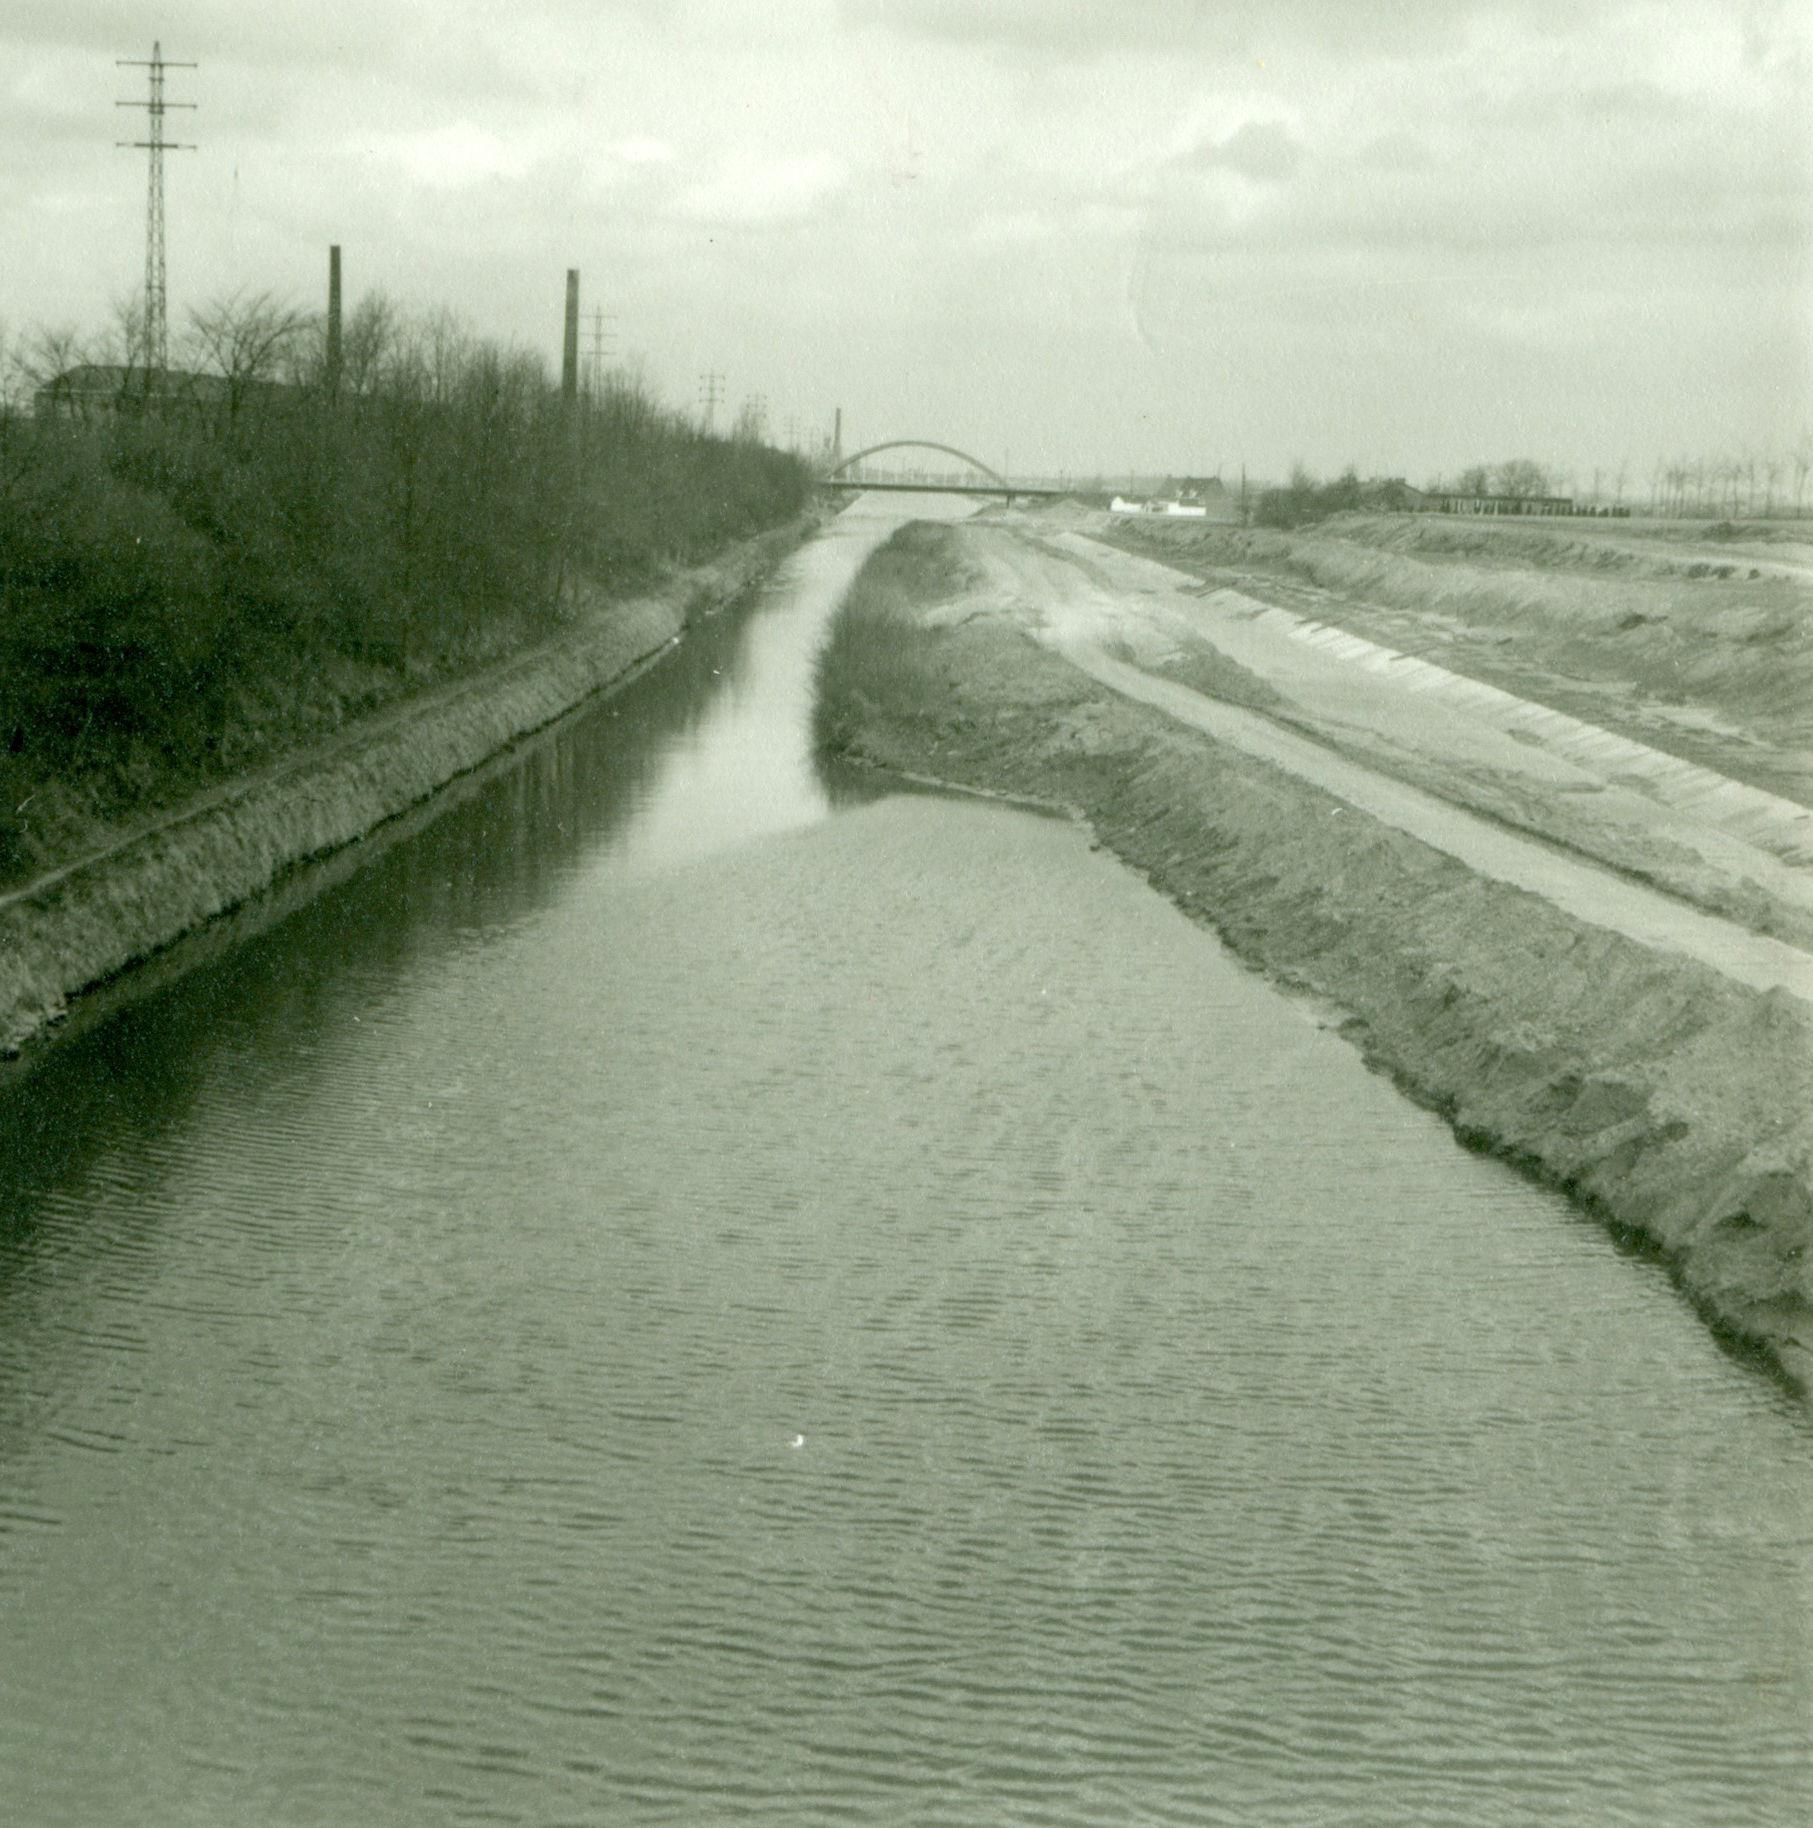 Verbreding van het Kanaal Bossuit-Kortrijk tussen Moen en Knokke-Zwevegem 1973